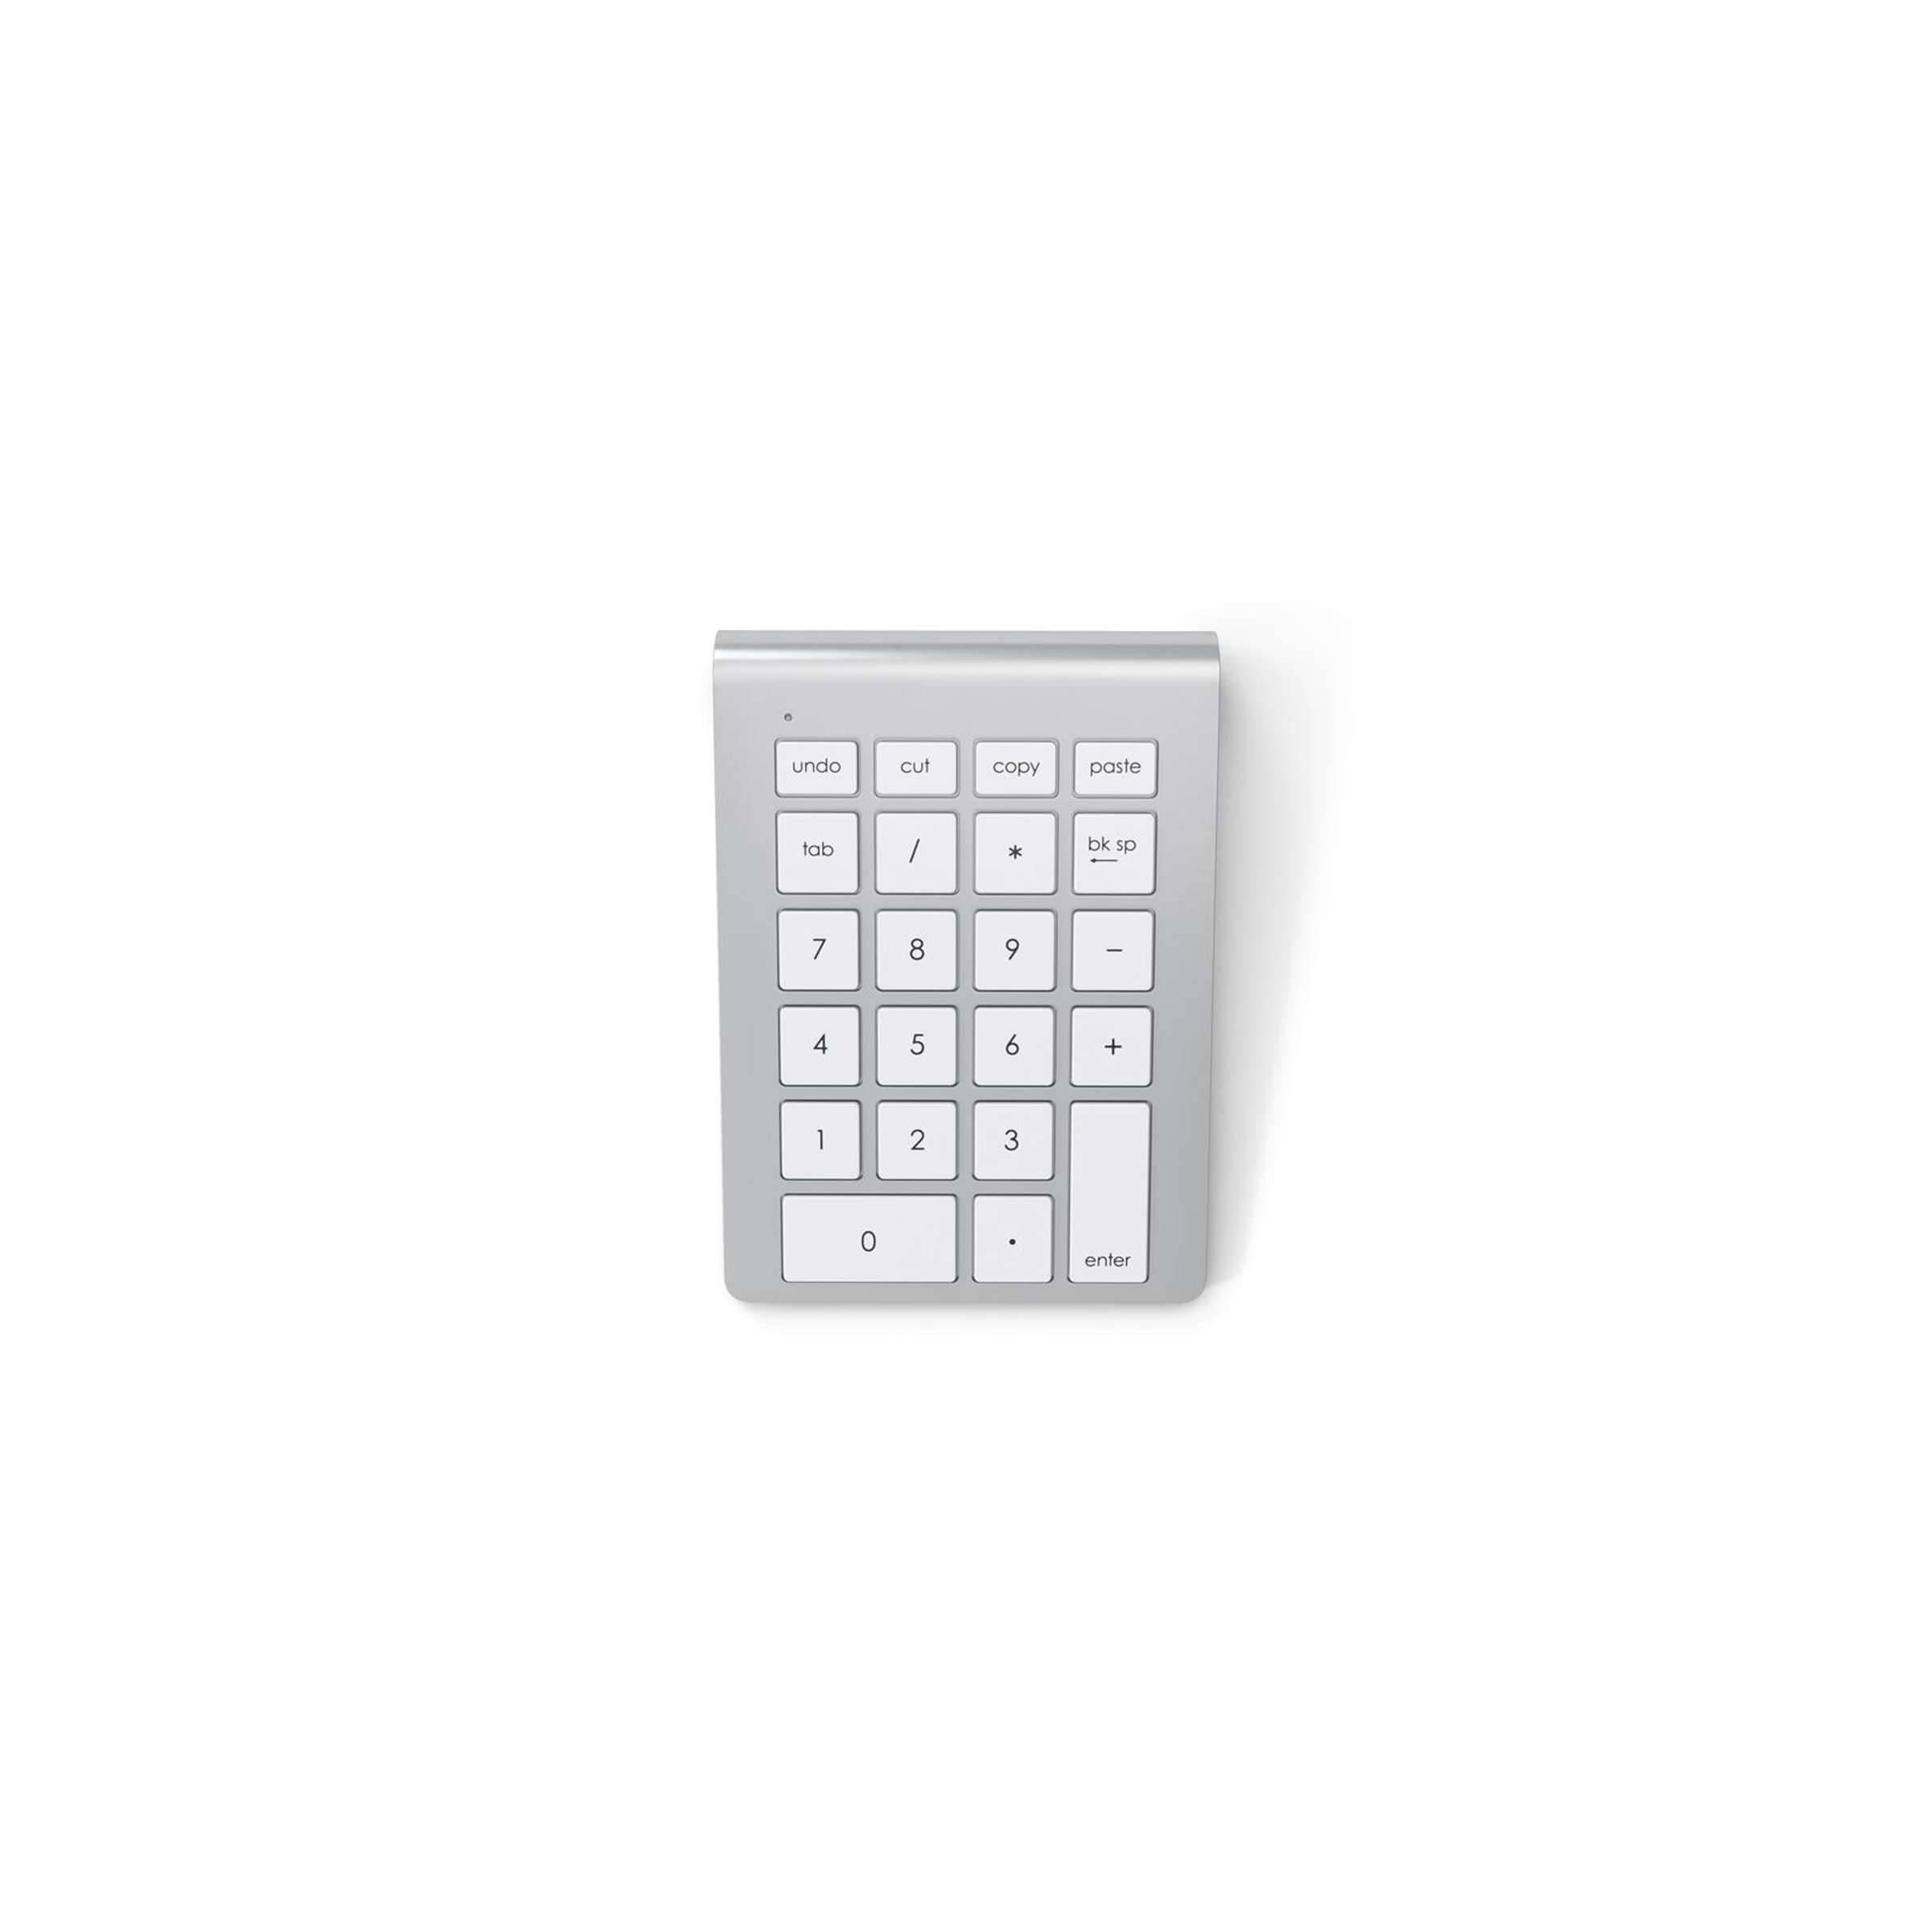 Satechi wireless keypad with copy/paste buttons farve sølv farve fra satechi fra mackabler.dk